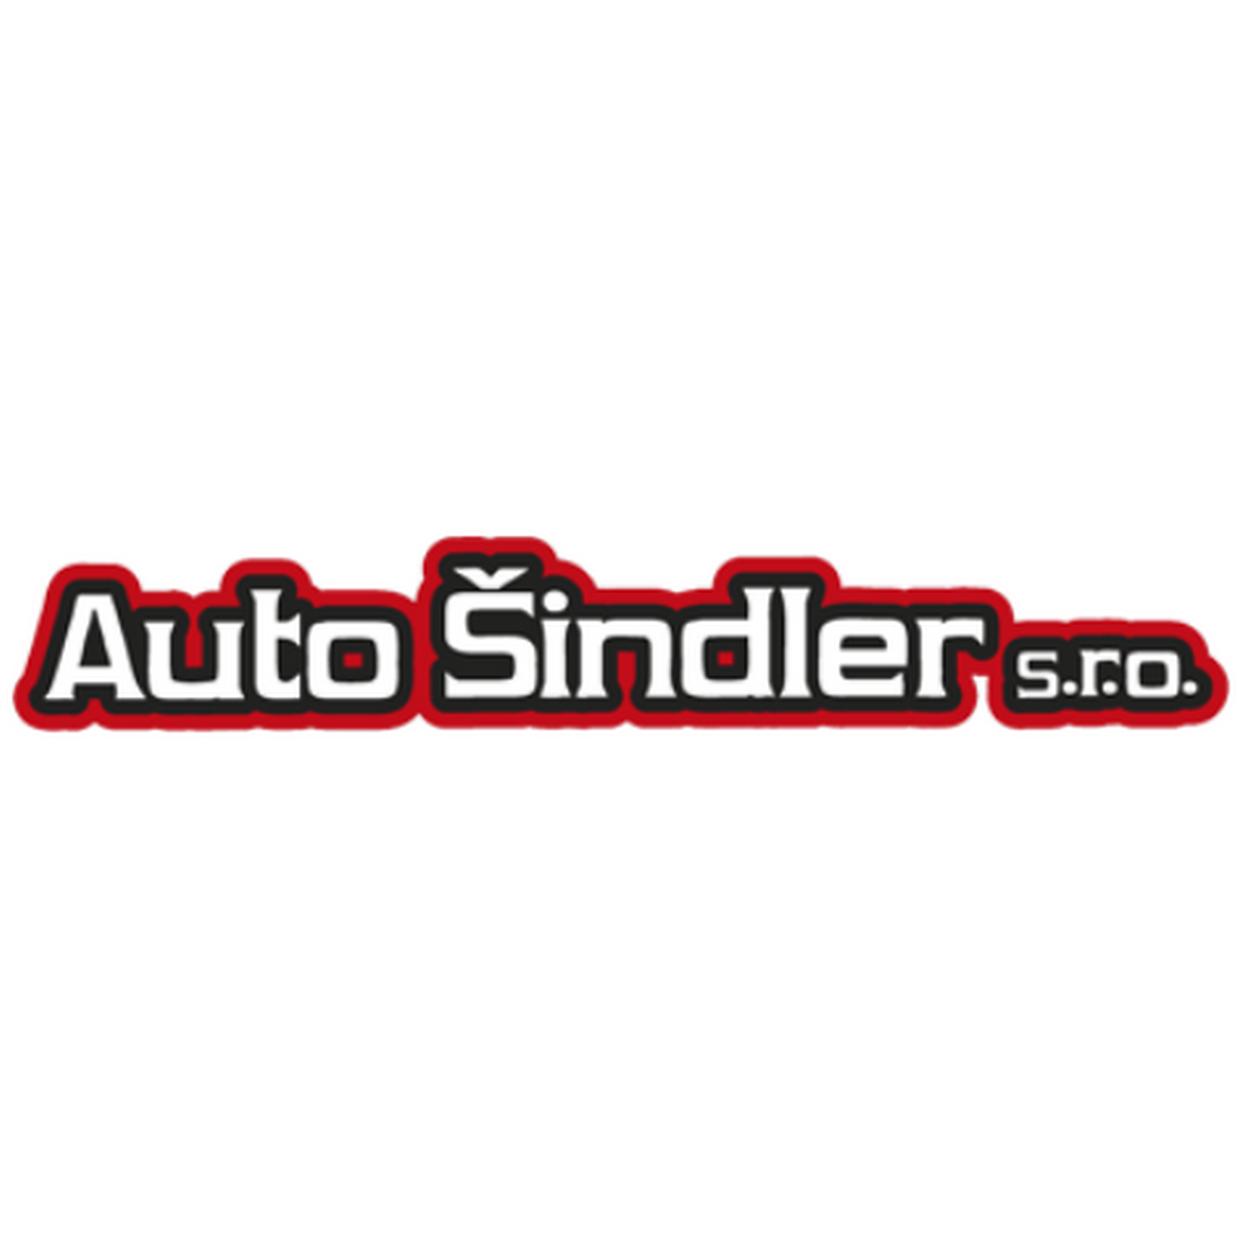 Auto Šindler s.r.o. - prodej a servis vozů Ford